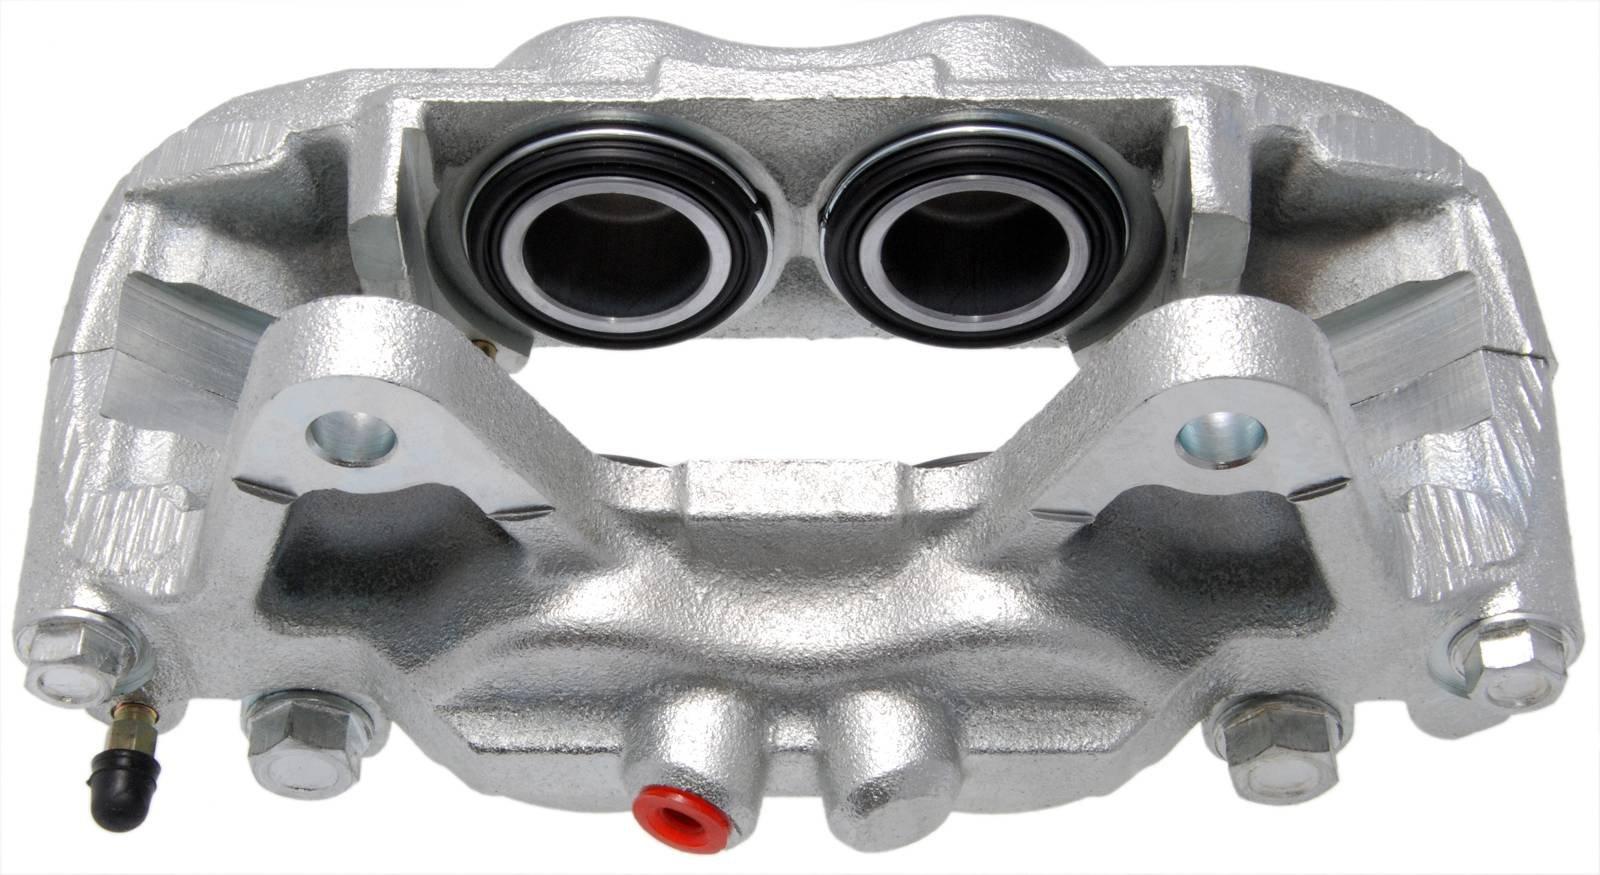 4775060130 - Front Left Brake Caliper For Toyota - Febest by Febest